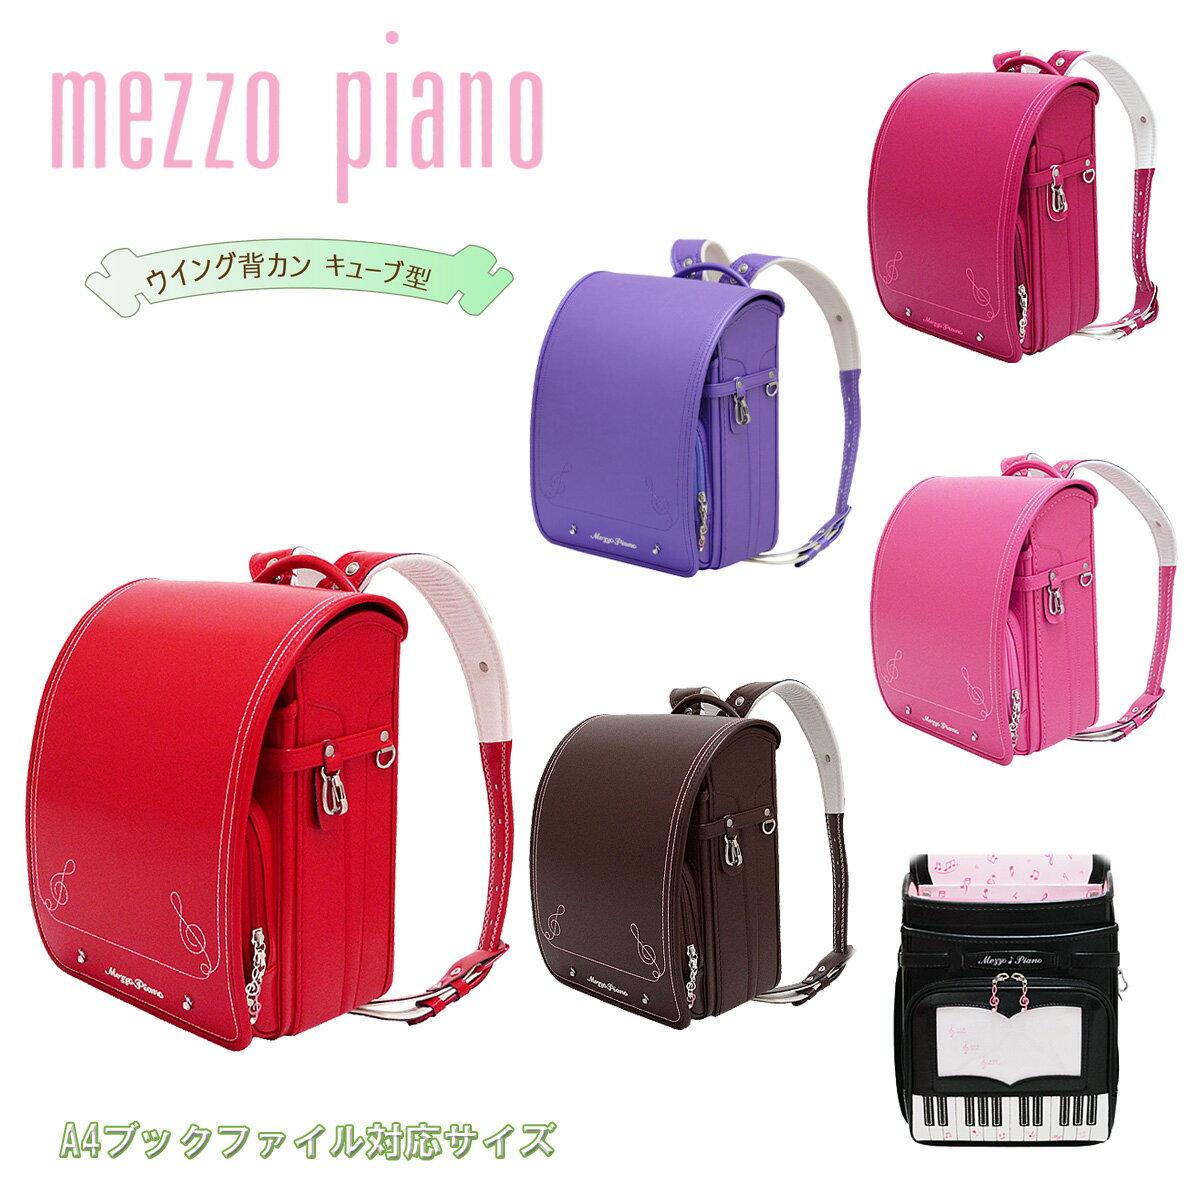 バッグ・ランドセル, ランドセル  mezzo piano 0103-9203 MADE IN JAPAN()